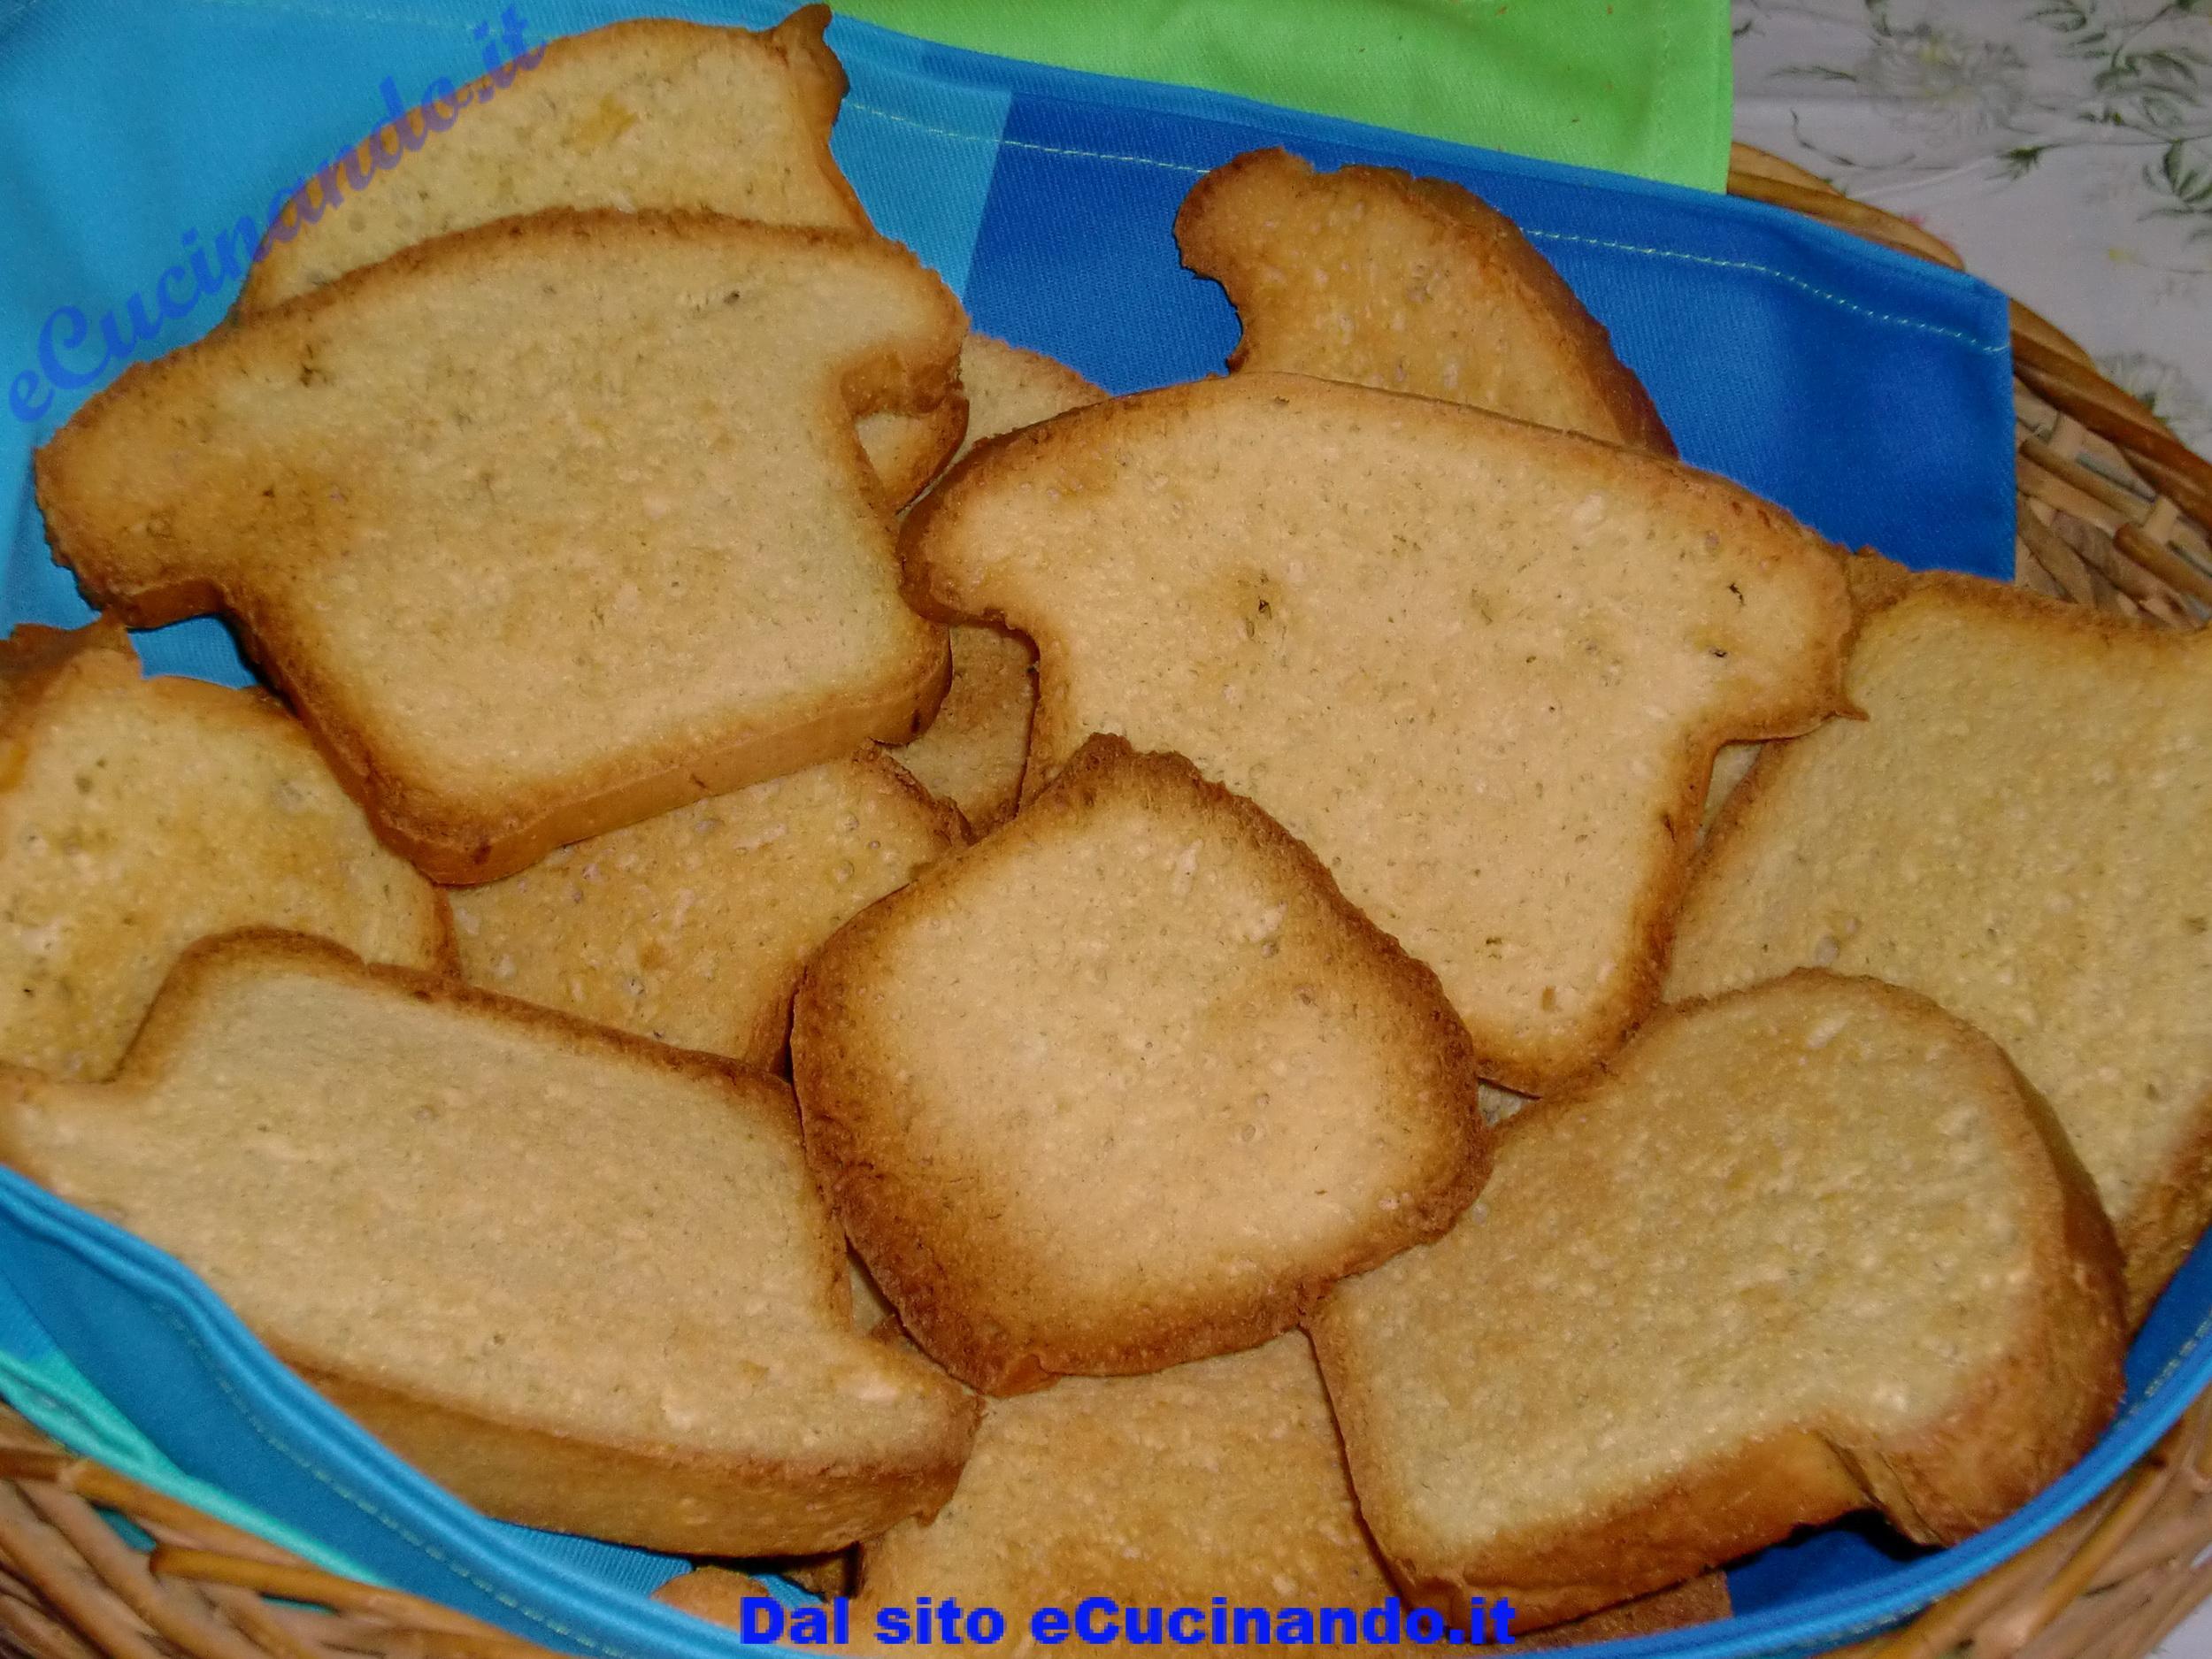 Fette-biscottate-fatte-in-casa